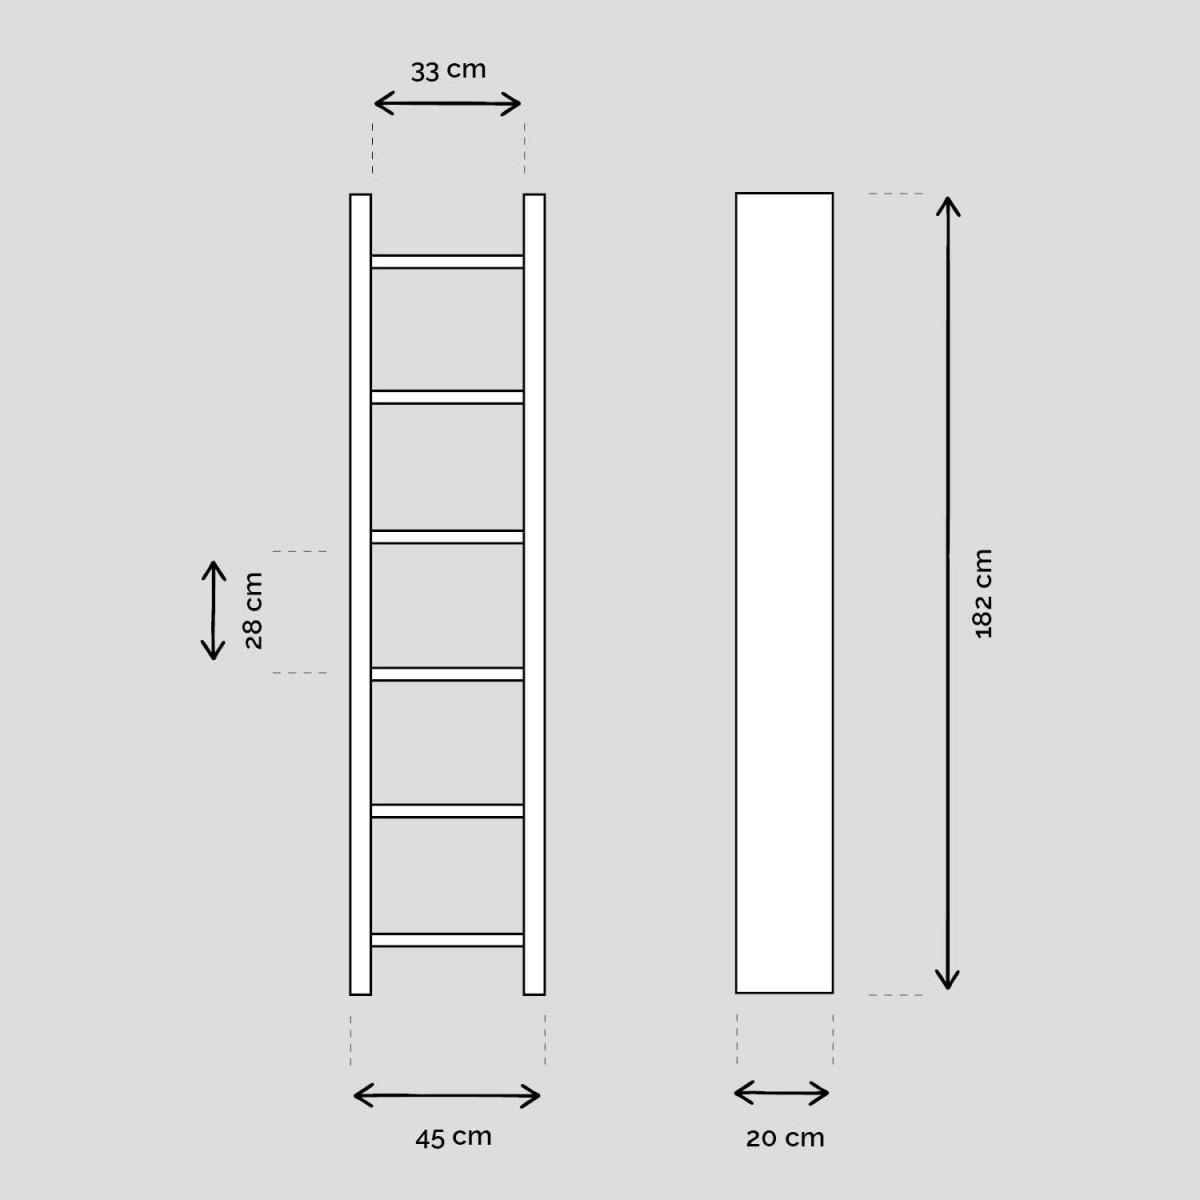 STANGE DESIGN Regal HUGO 45